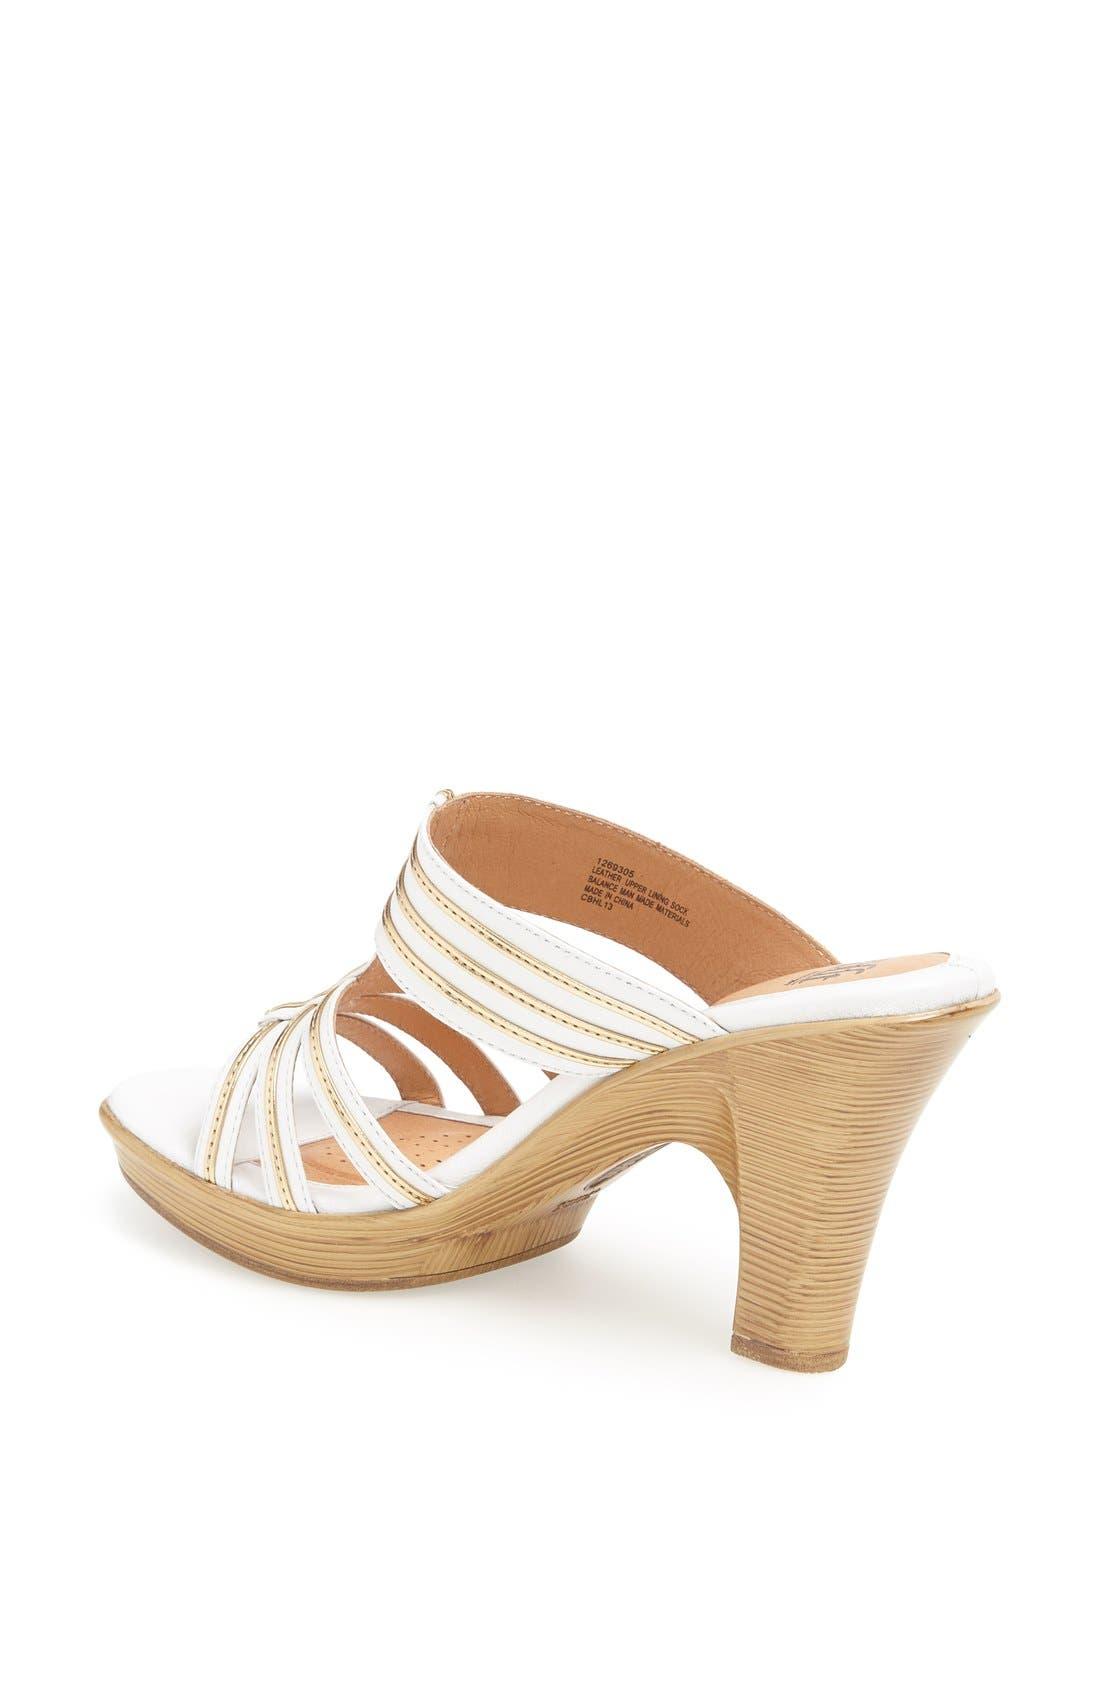 Alternate Image 2  - Söfft 'Perla' Sandal